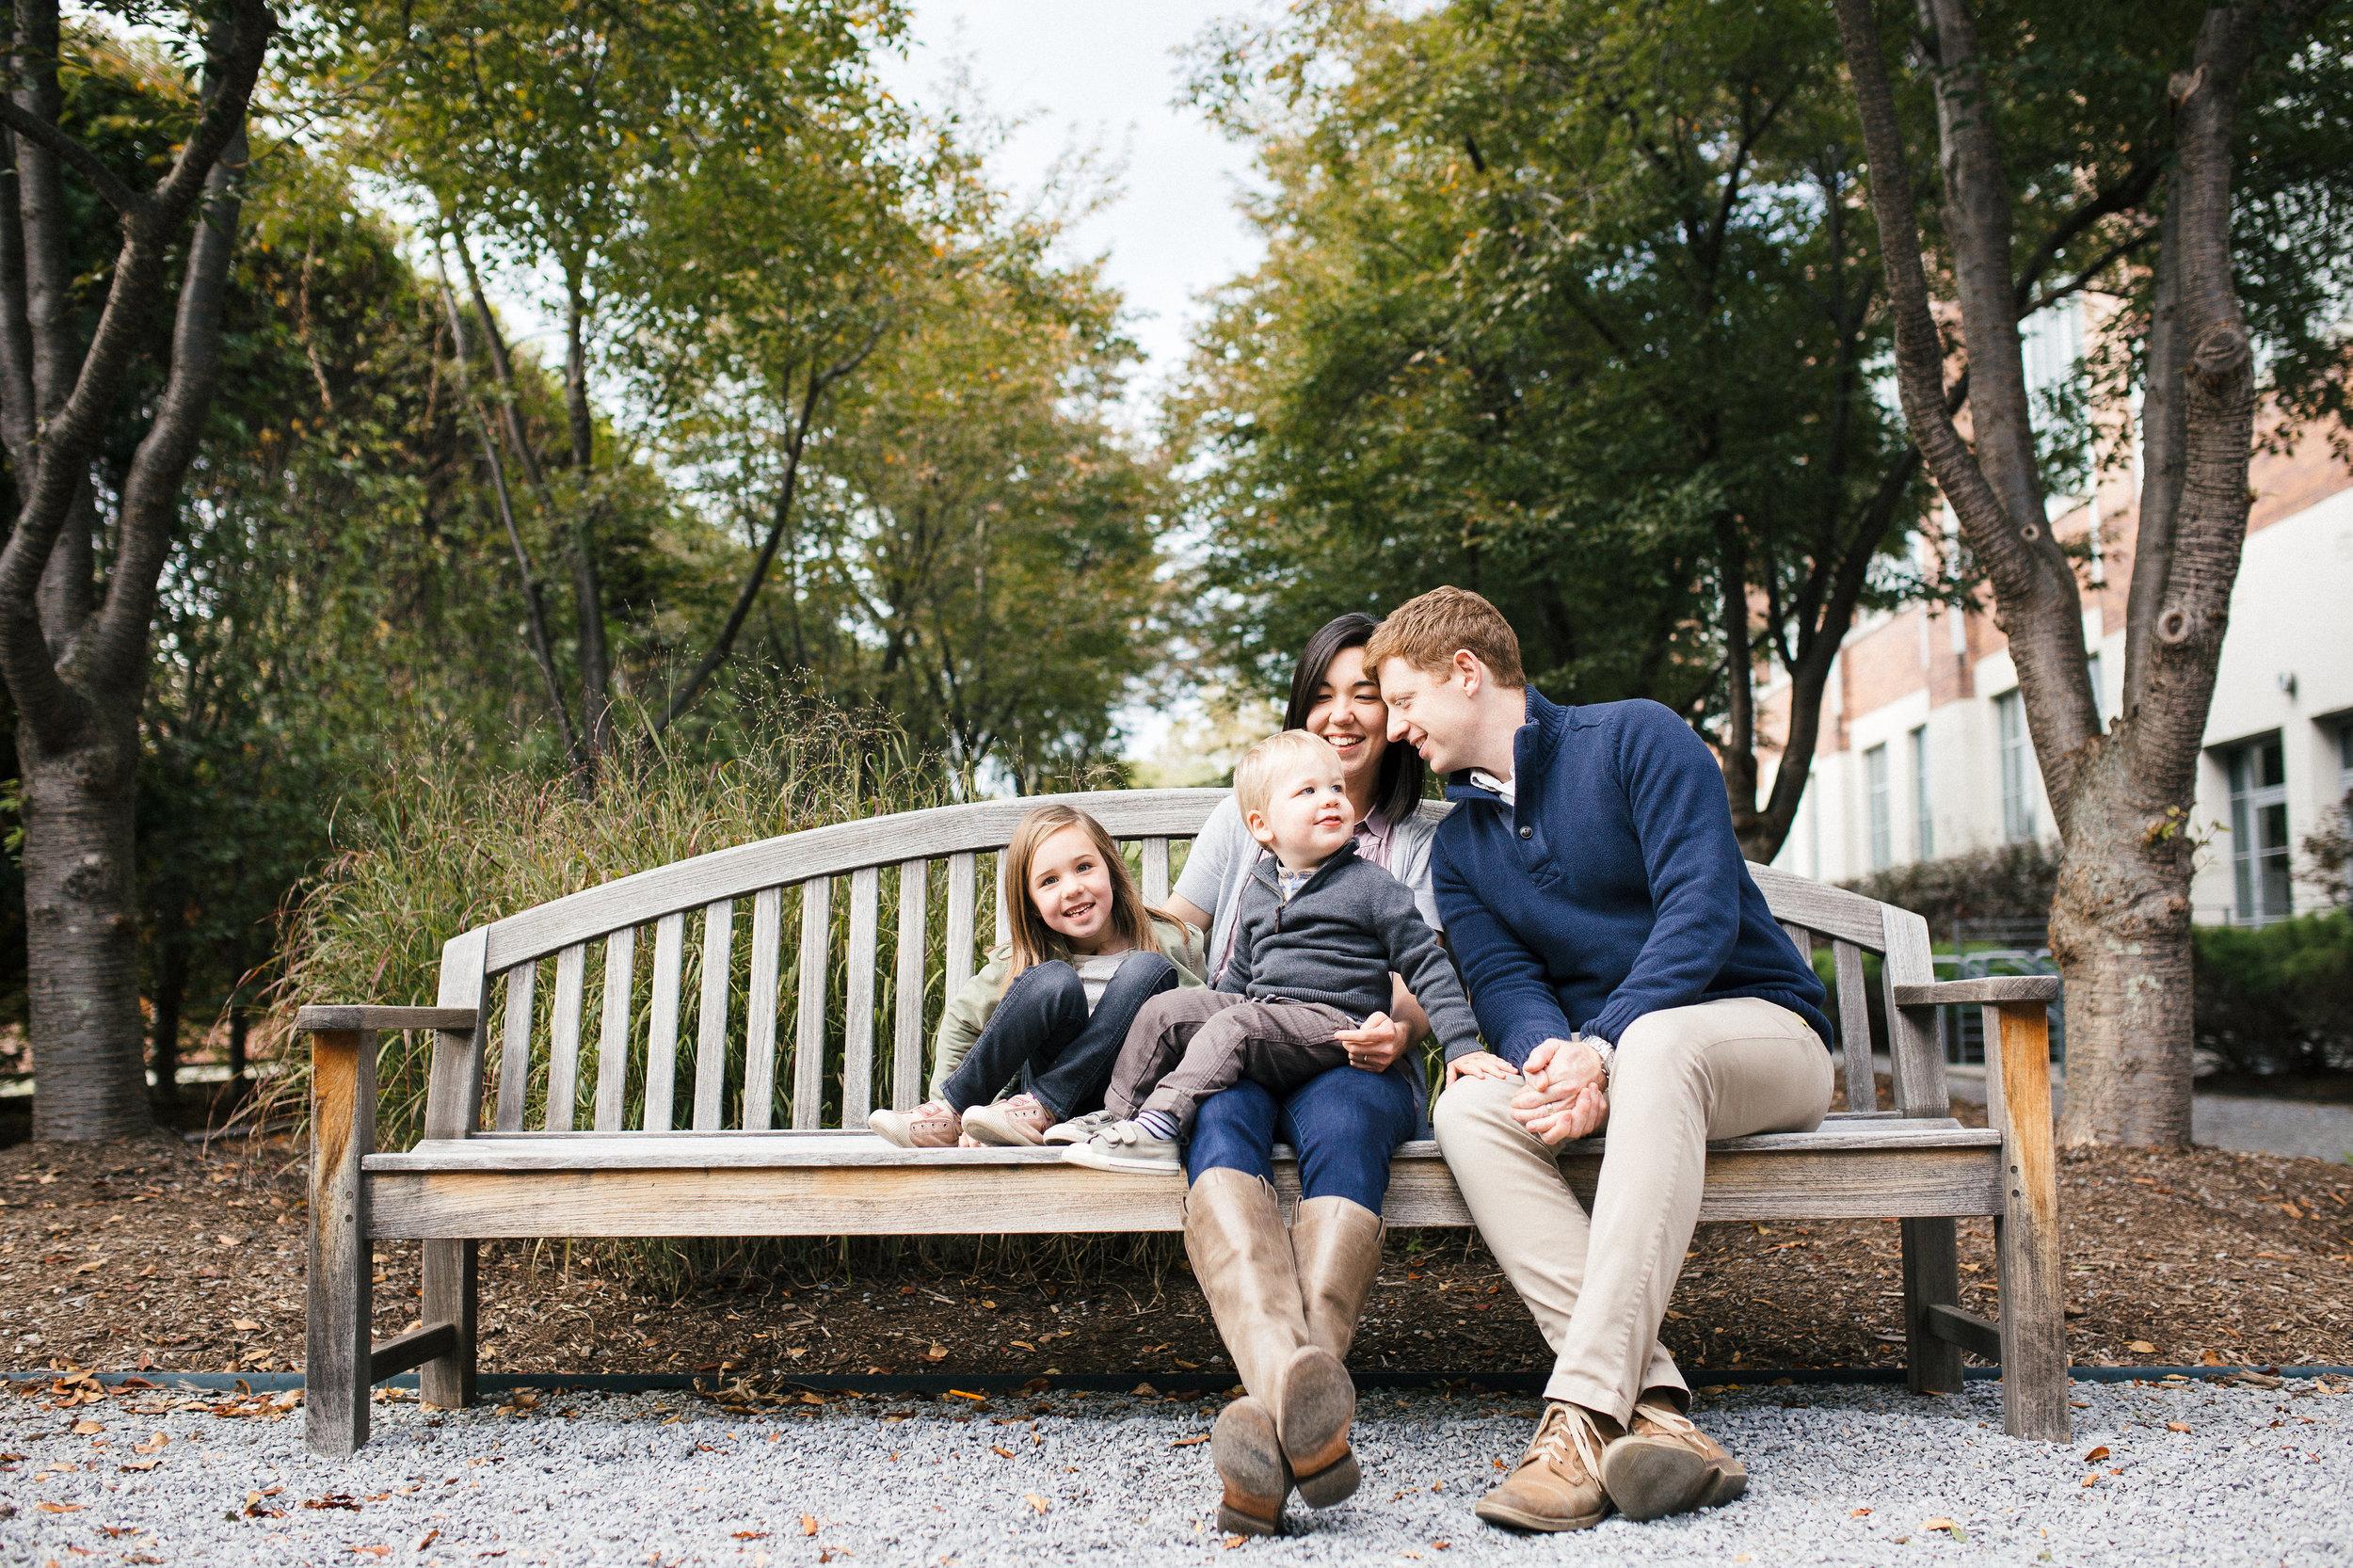 skinner-family_dia-beacon-hudson-valley-22-2.jpg